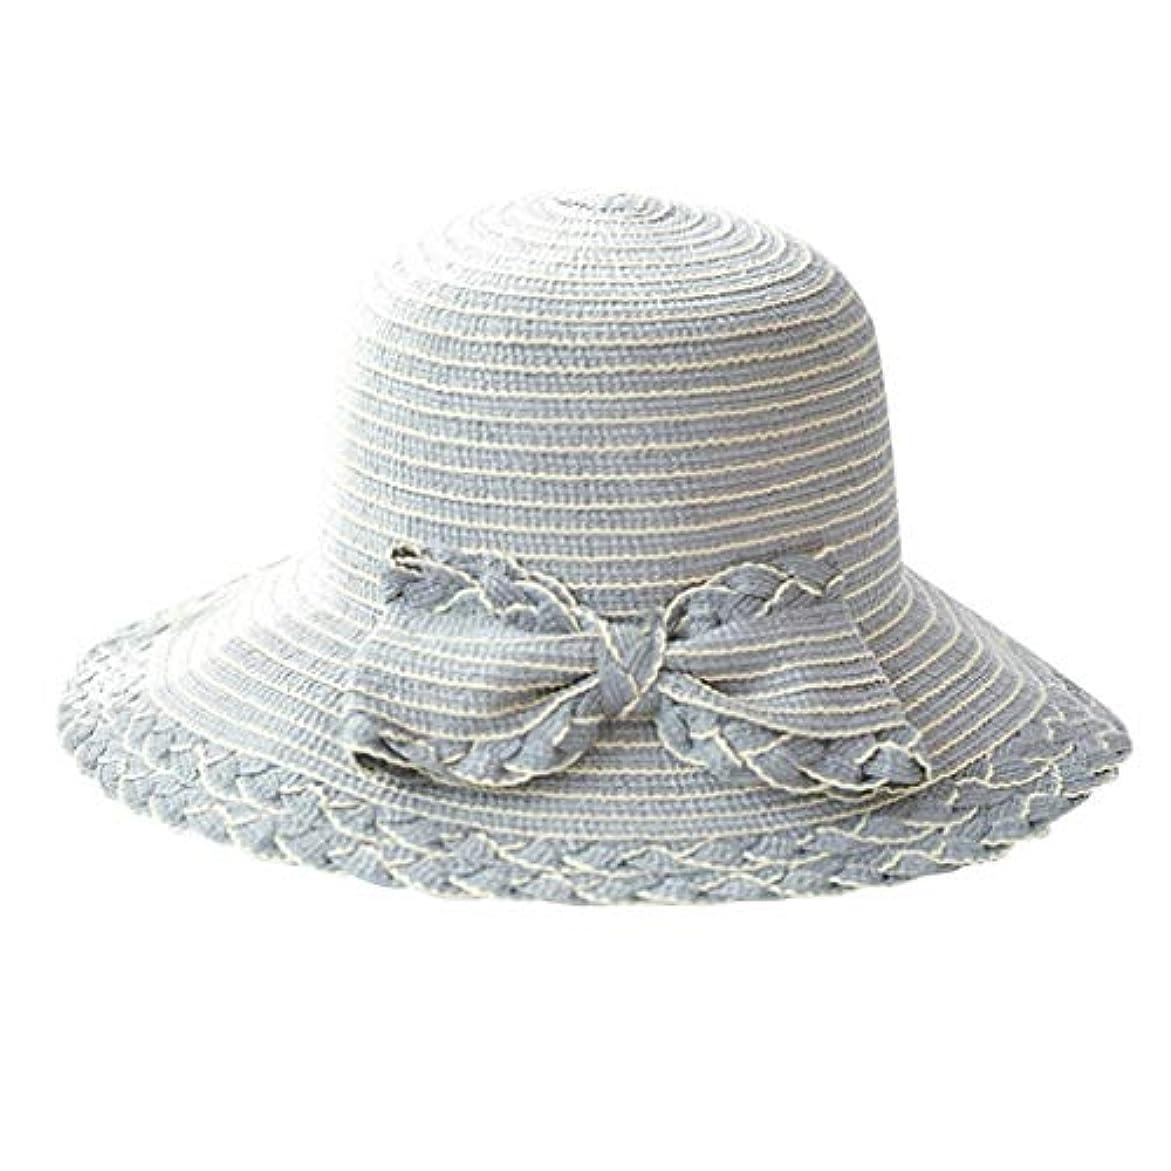 テザーコカイングラフ夏 帽子 レディース UVカット 帽子 ハット レディース 日よけ 夏季 女優帽 日よけ 日焼け 折りたたみ 持ち運び つば広 吸汗通気 ハット レディース 紫外線対策 小顔効果 ワイヤー入る ハット ROSE ROMAN